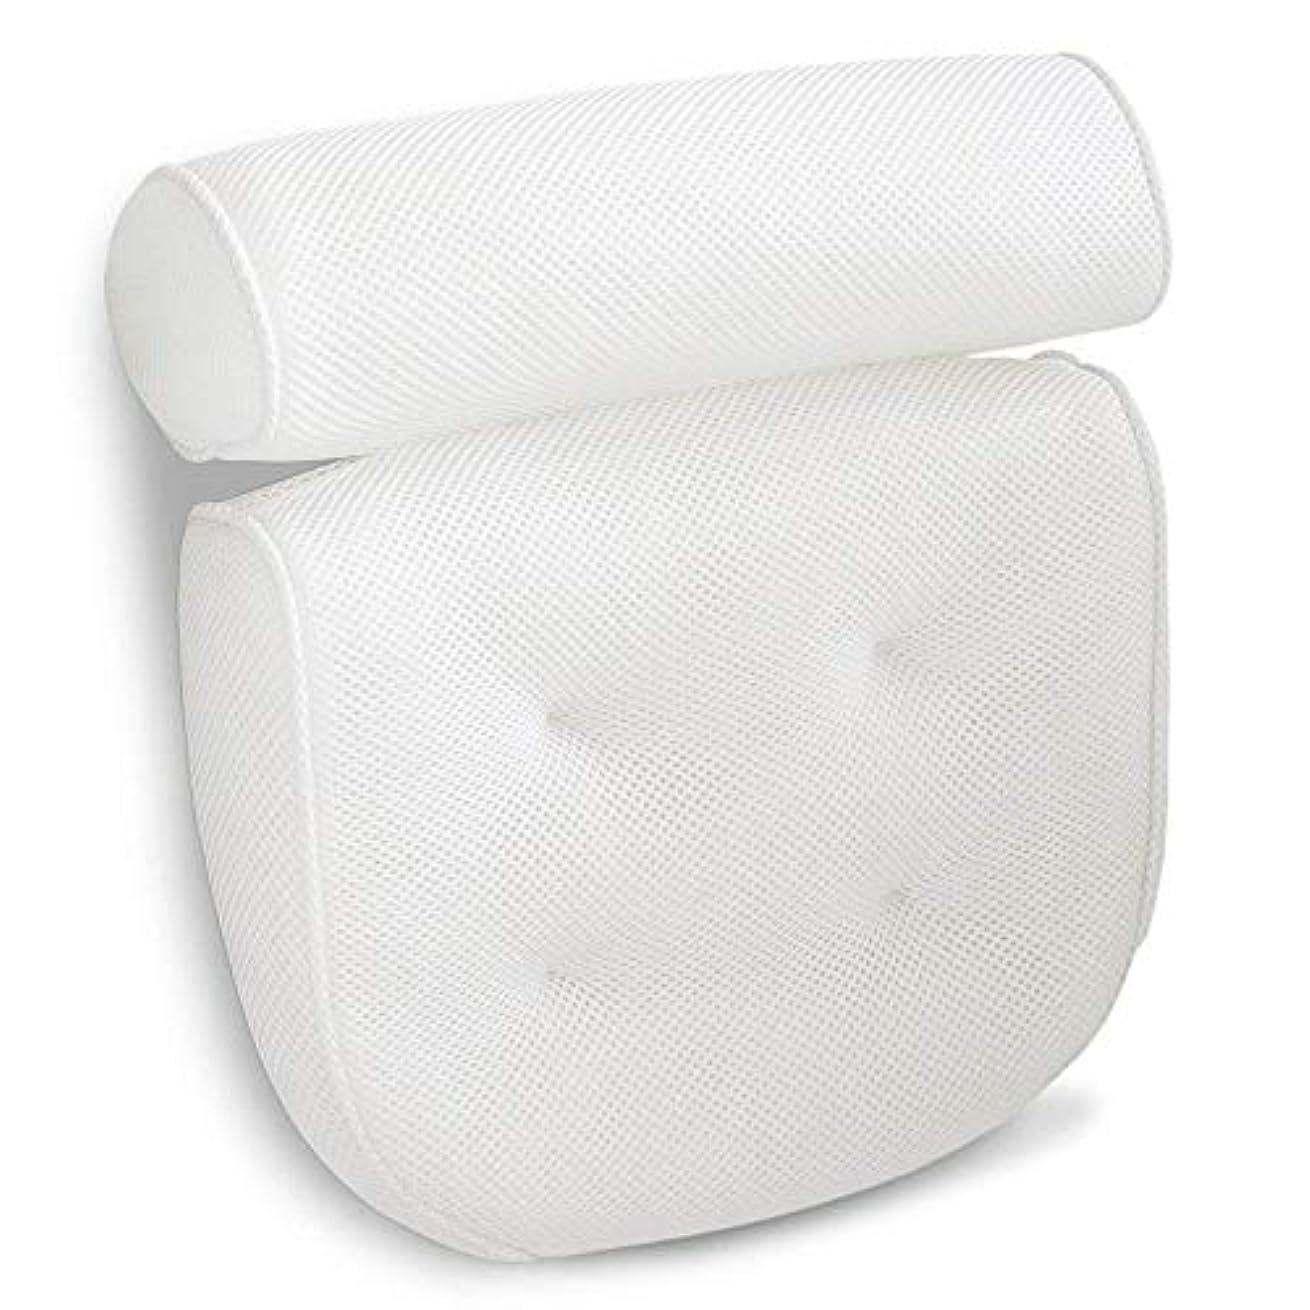 睡眠マウントピザ浴槽枕 後頭部と首をサポートするための浴槽ジャグジー、スパ、プール、ビーチチェアヘッドレストのための4強吸盤スパバス枕 バスルーム枕 (色 : 白, サイズ : 36 x 33 x 10cm)